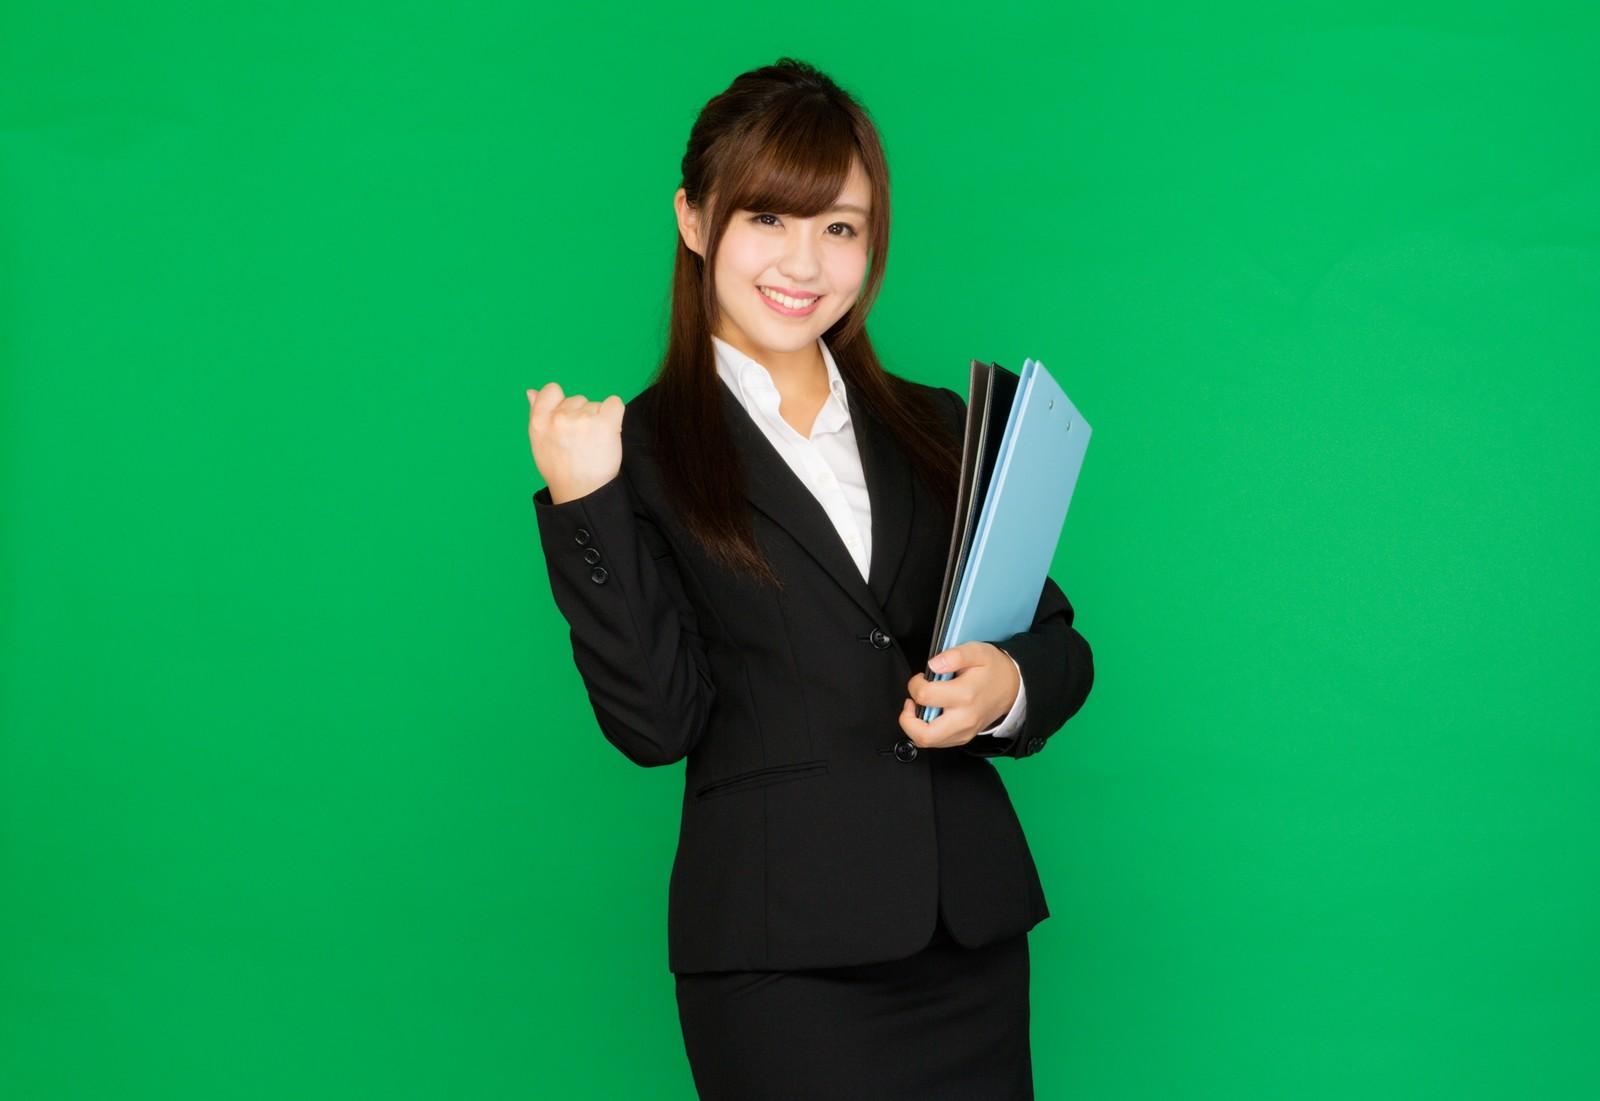 【山梨県忍野村の求人】人気の有る事務員の募集です。!!正社員へスキルアップ!!業績好調で安定しているミネラルウォーターの会社でのお仕事です。